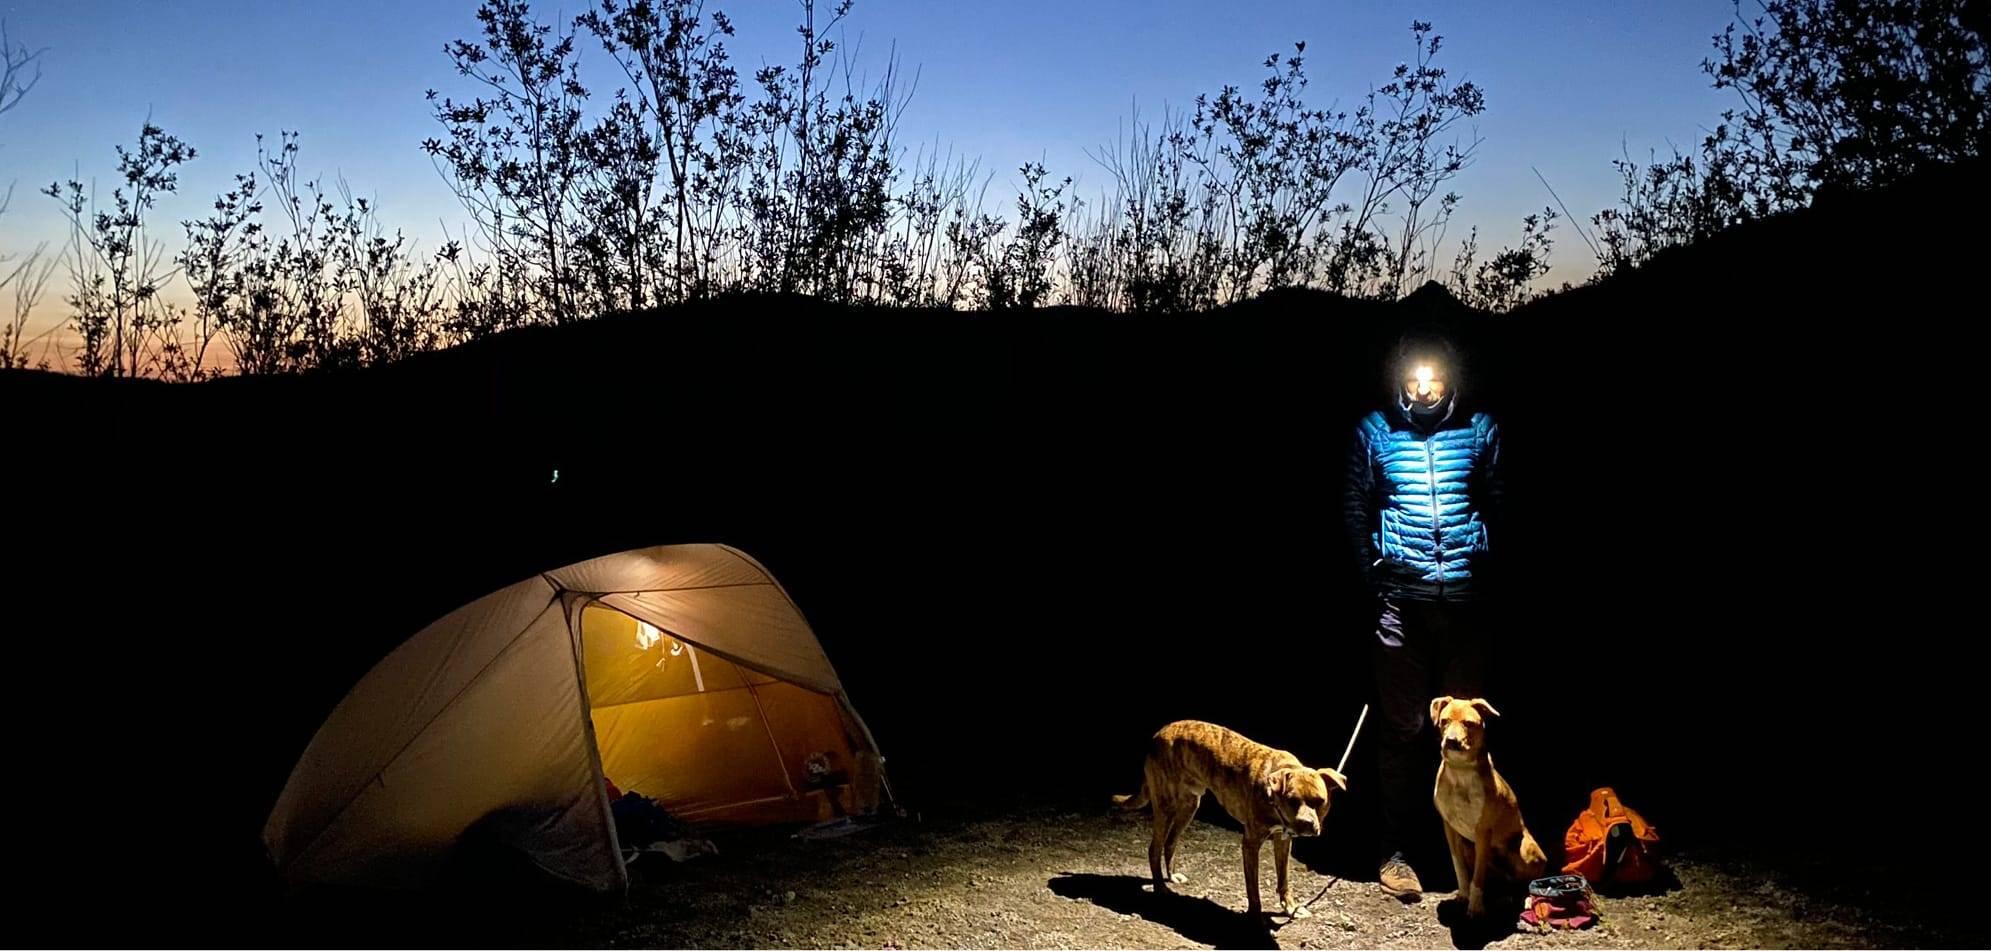 steve golebiewski camping